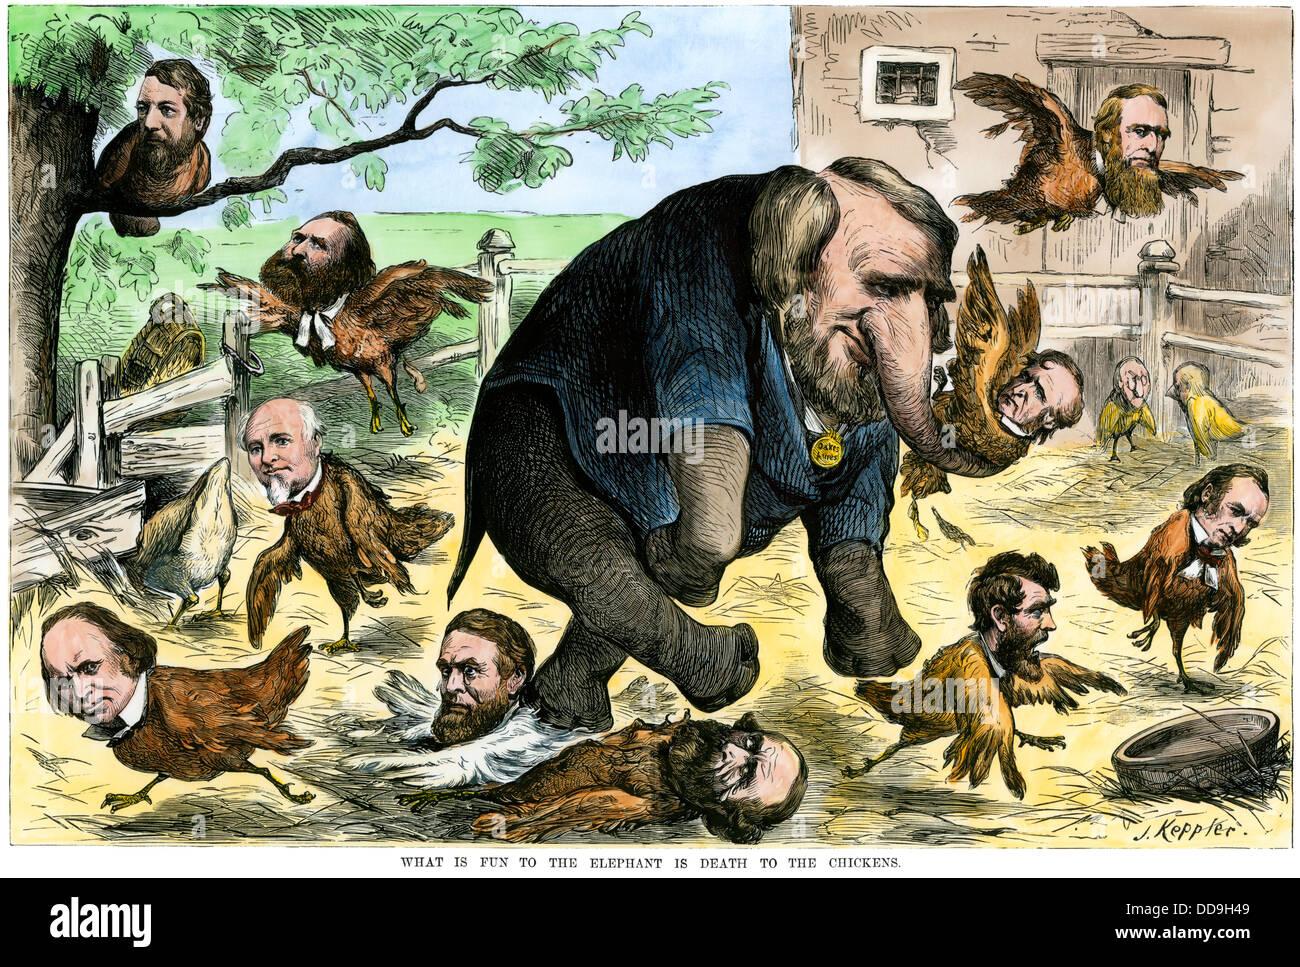 Che cosa è divertente per l'elefante è la morte per i polli, un credito Mobilier cartoon di 1873. Immagini Stock